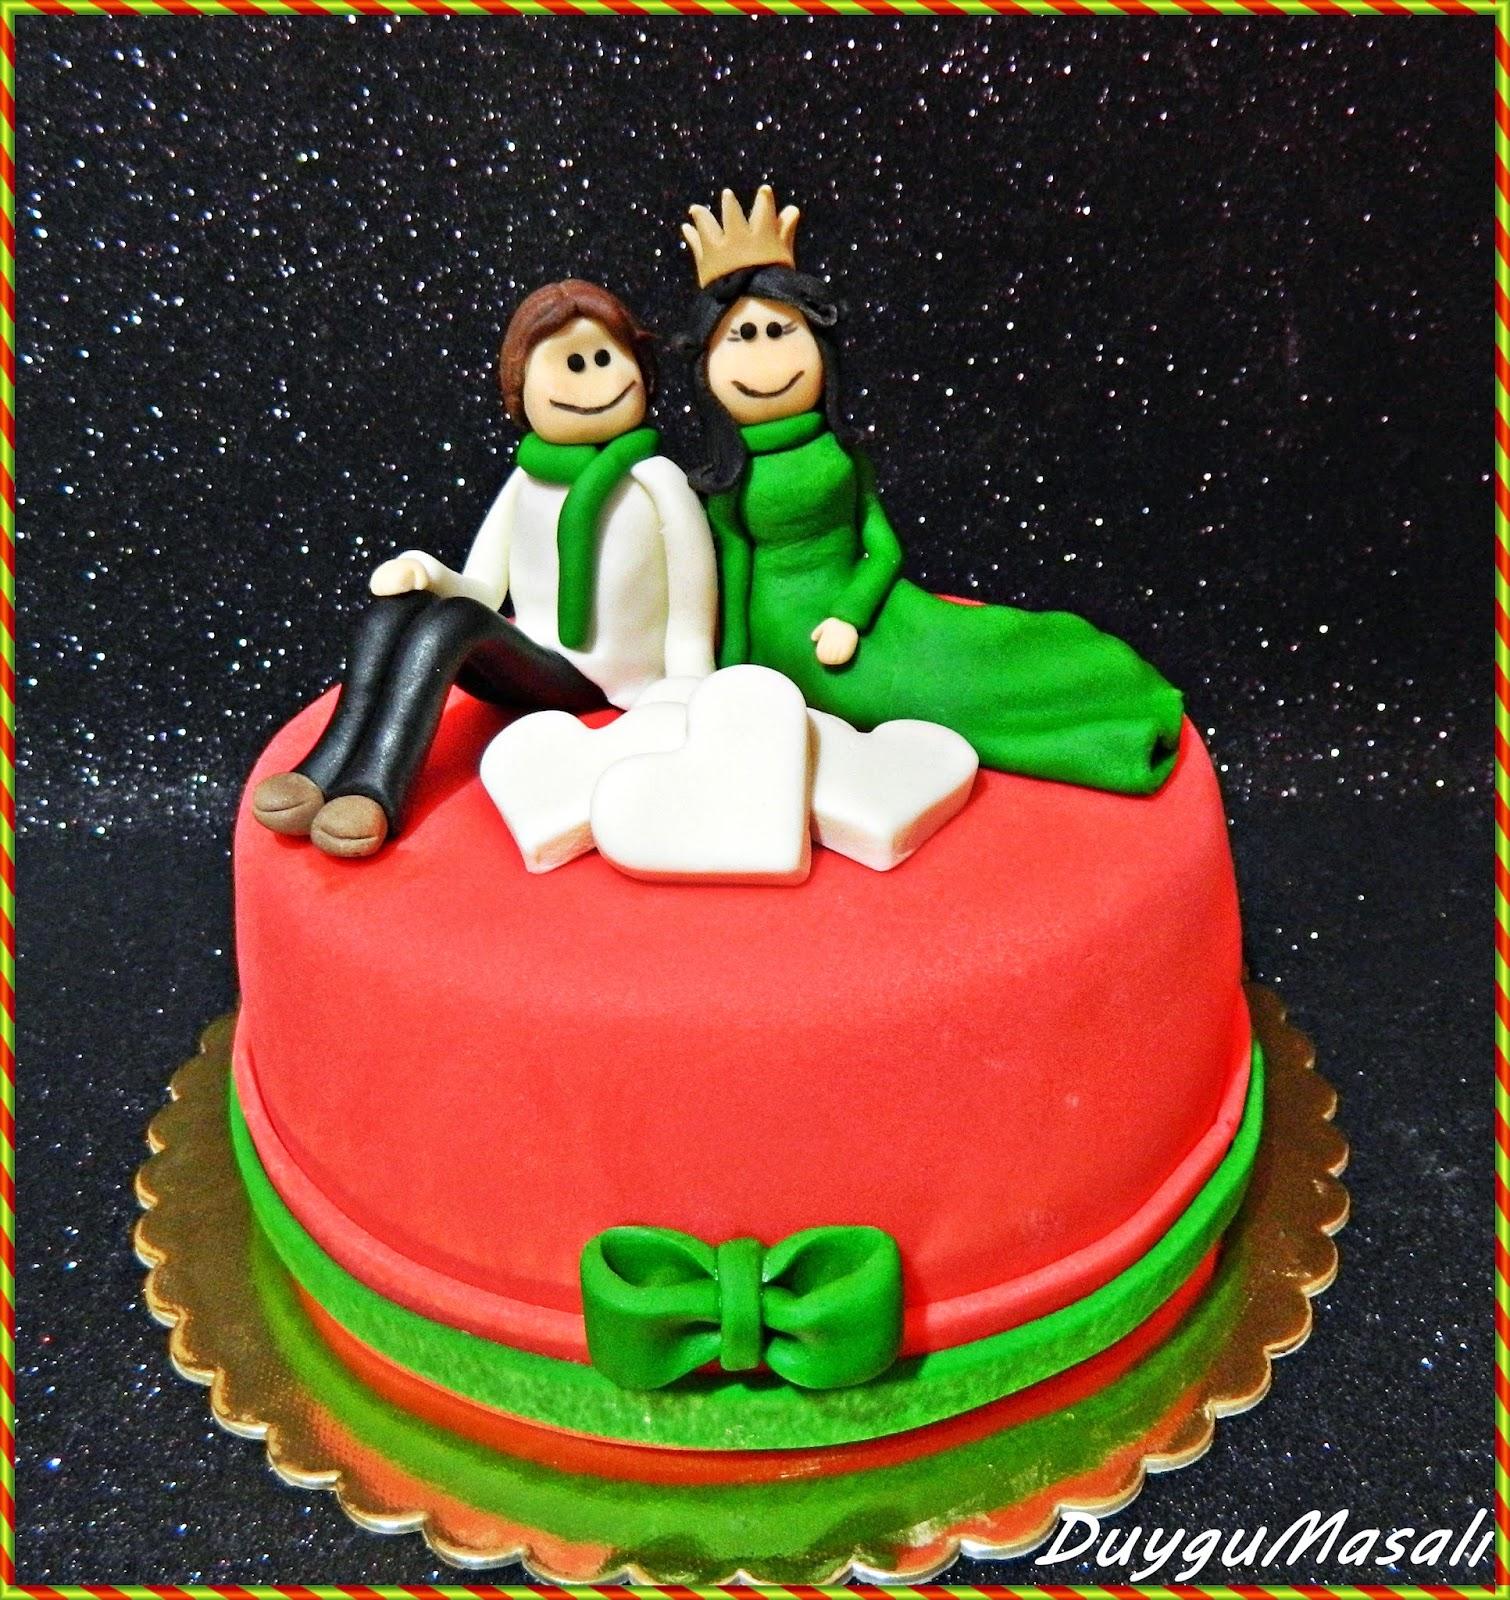 edirne yıl dönümü butik pasta